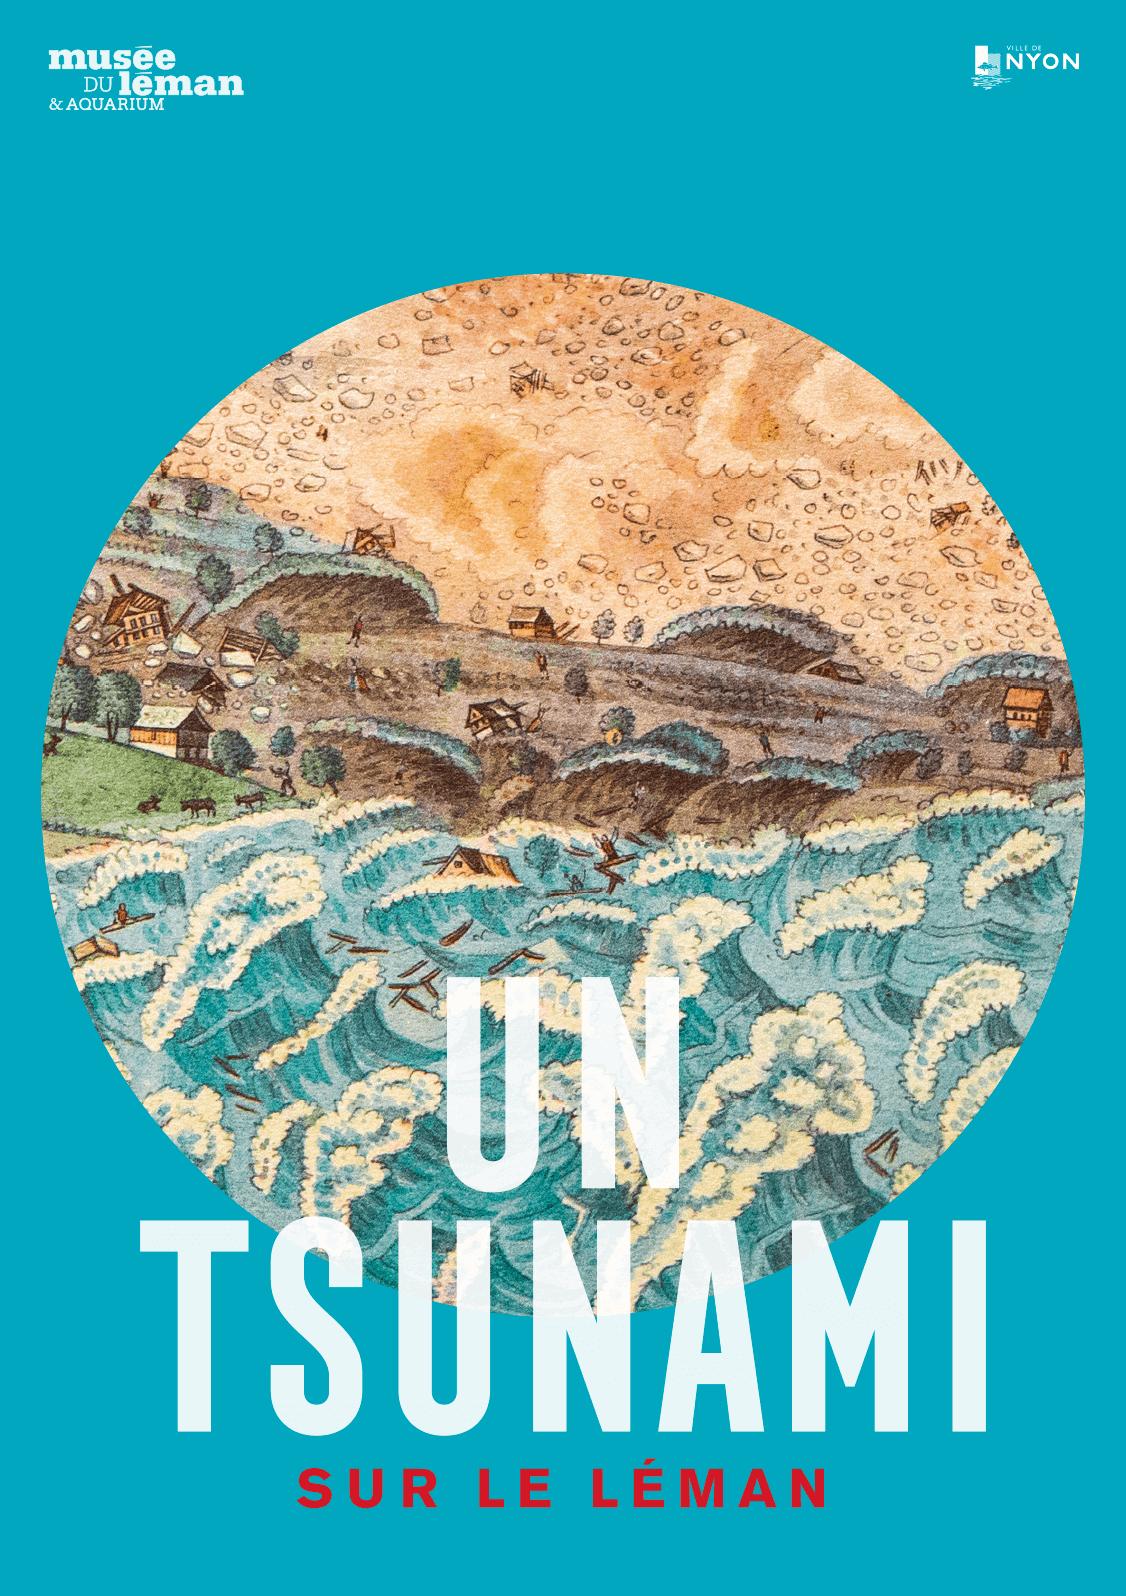 tsunami - genève - raz de marée - vague - risque - Lac Leman